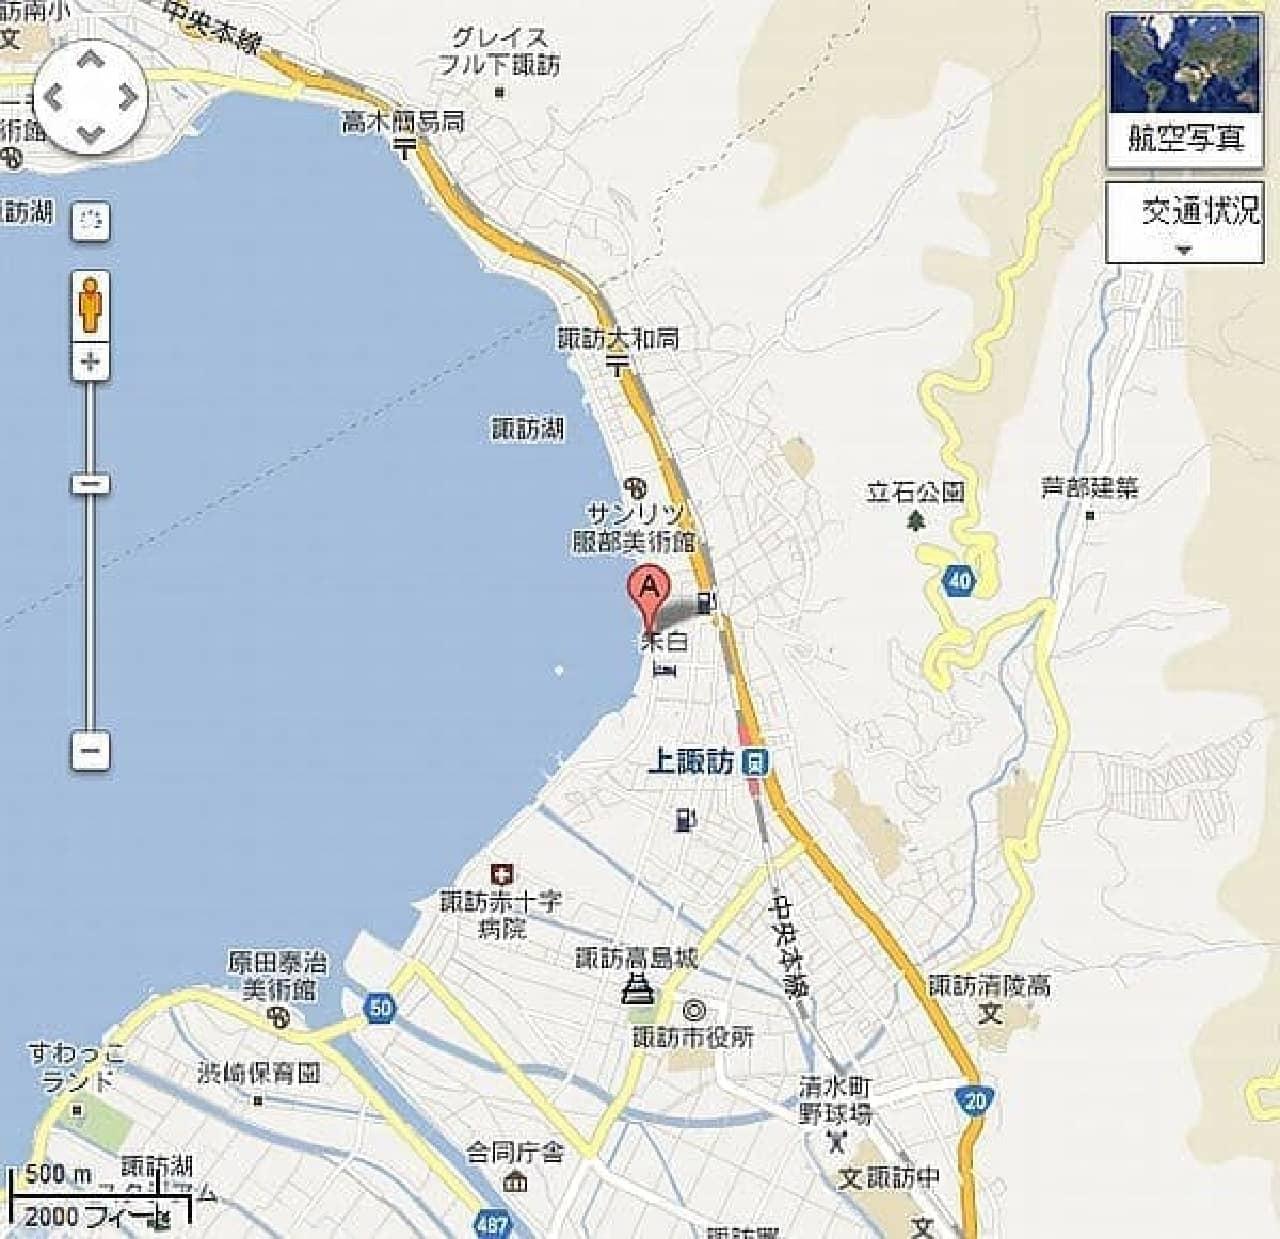 「諏訪湖観光汽船売店地図」  ぜひとも現物を見に行ってもらいたい